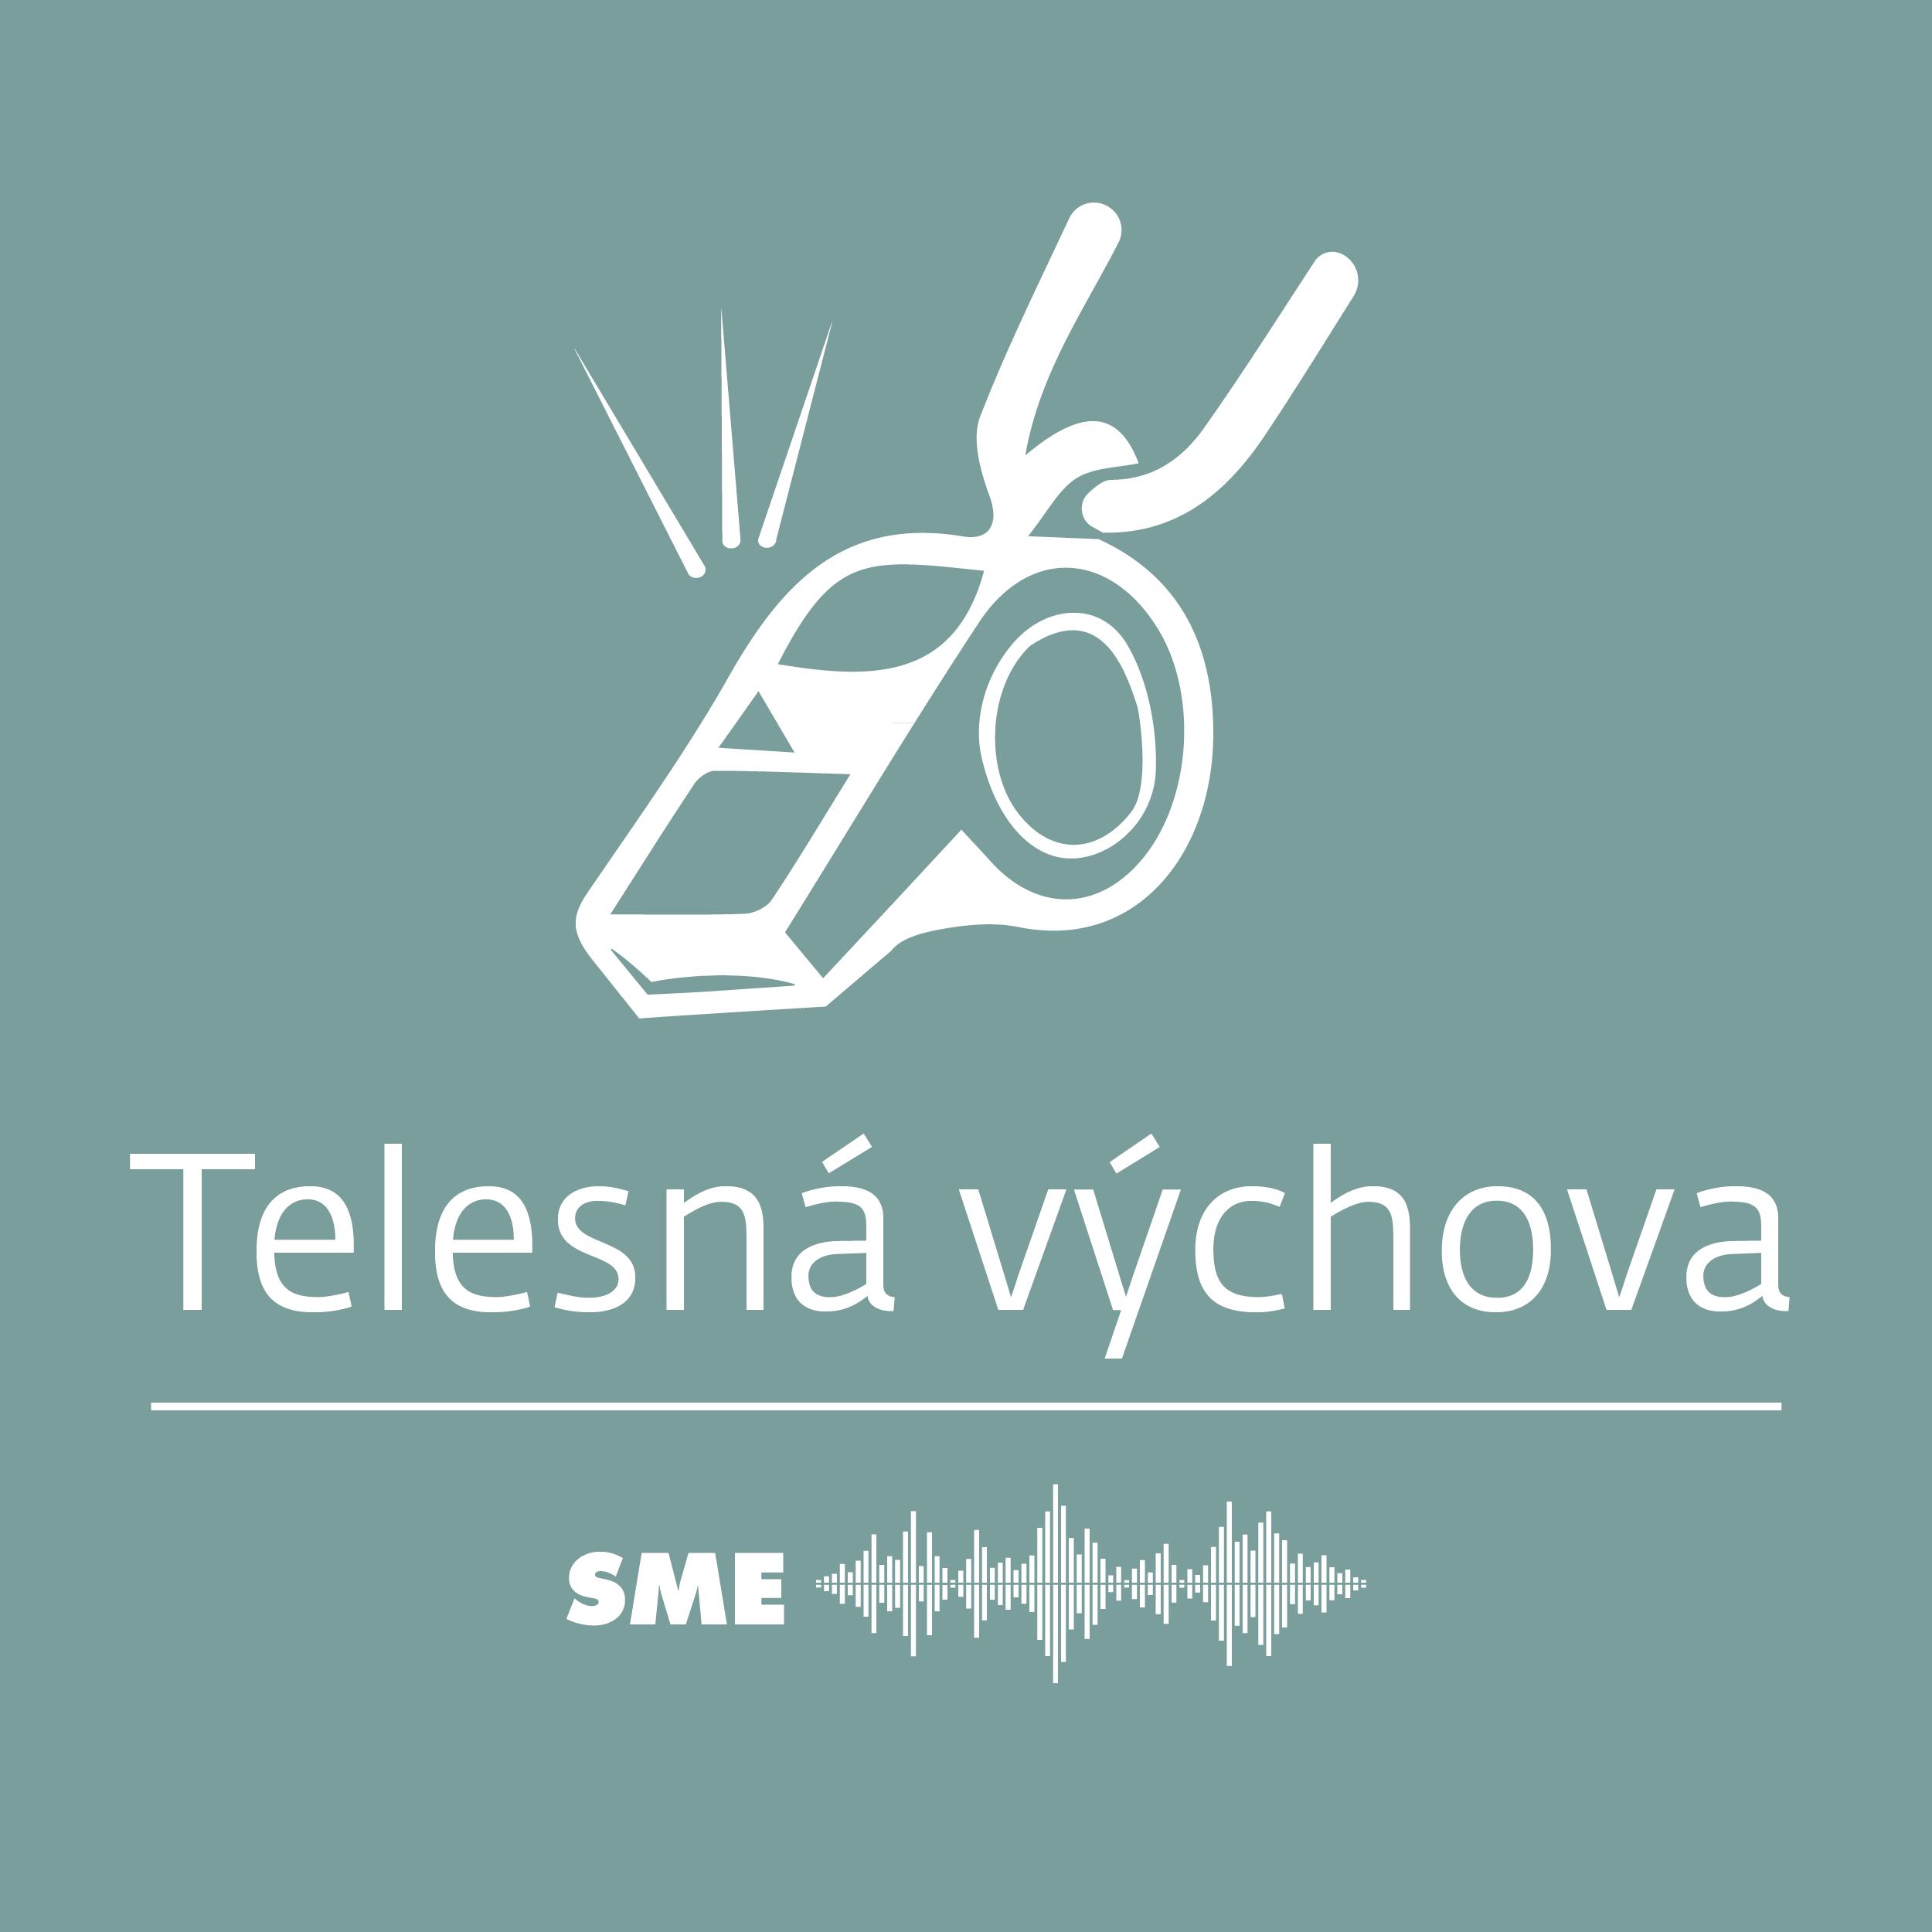 sme telesna vychova podcast